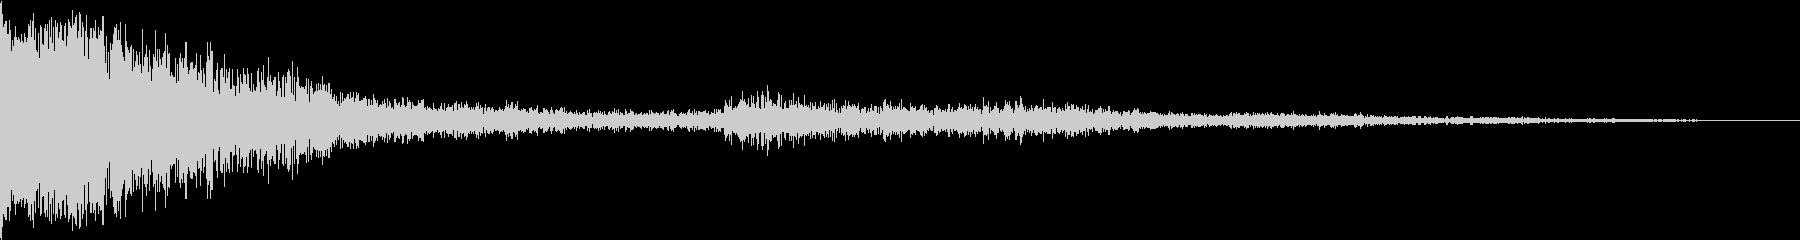 Guorn, Garagara (lowerly sound metal sound)'s unreproduced waveform